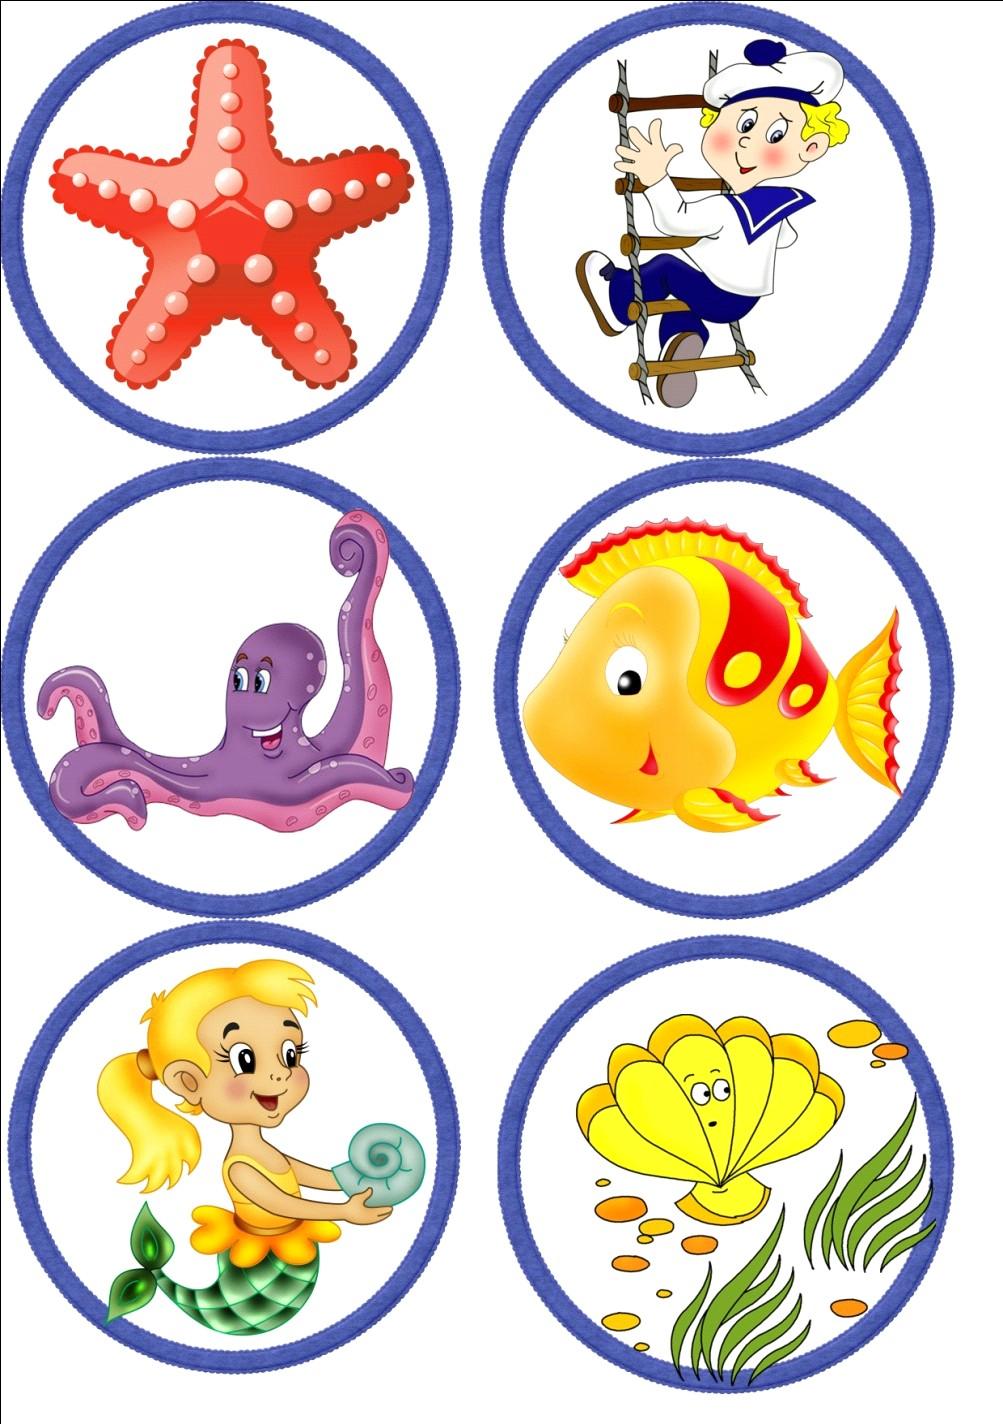 Картинки морской тематики для детского сада для оформления, летний день картинки